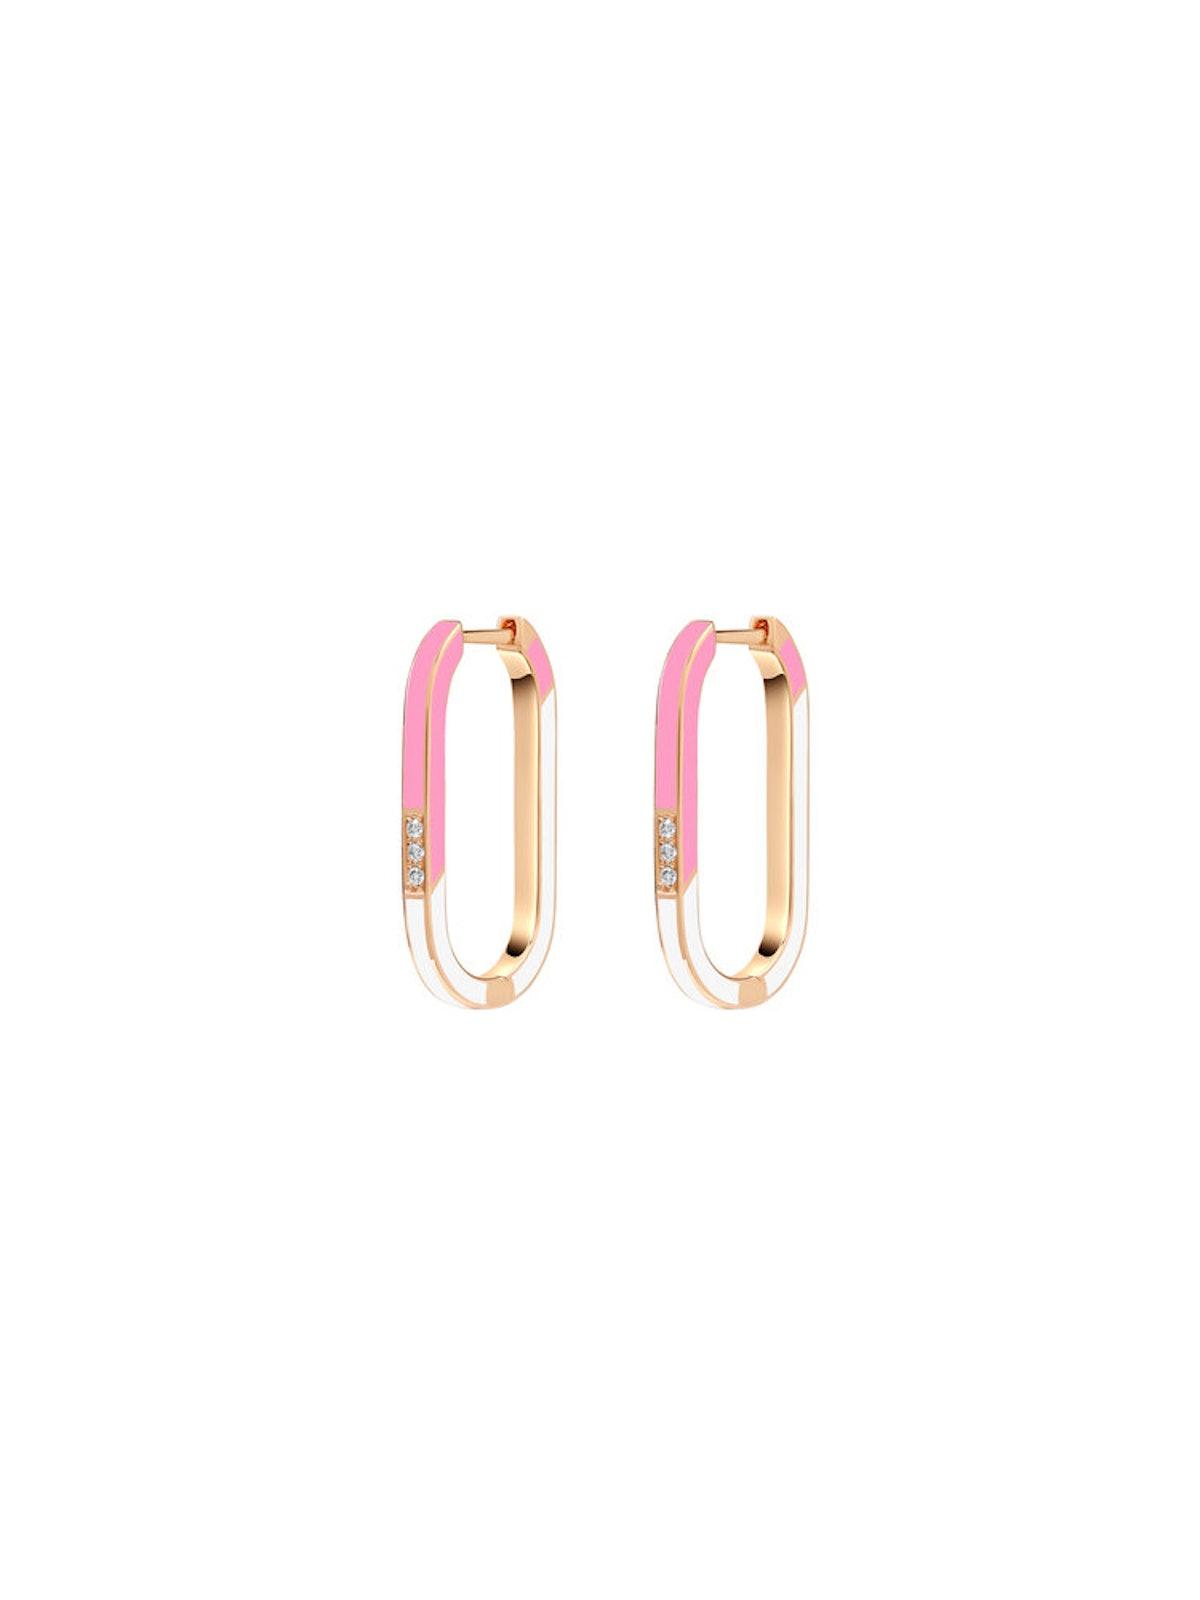 Marsden Earrings